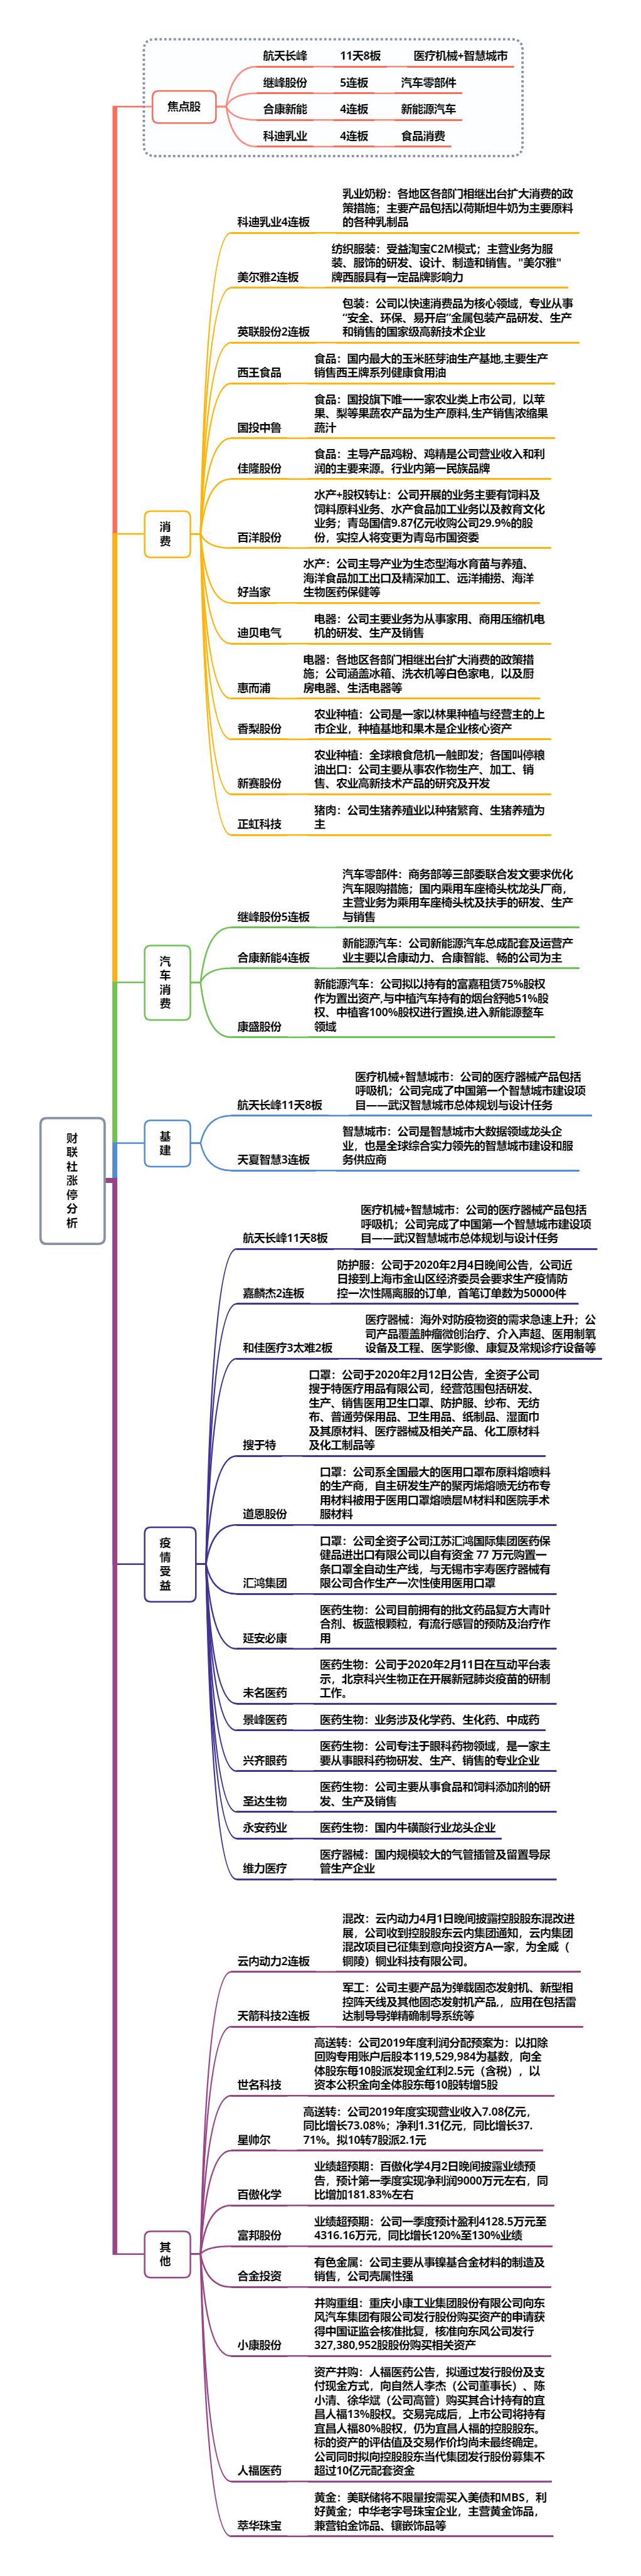 【财联社午报】三大指数窄幅震荡 避险板块领涨